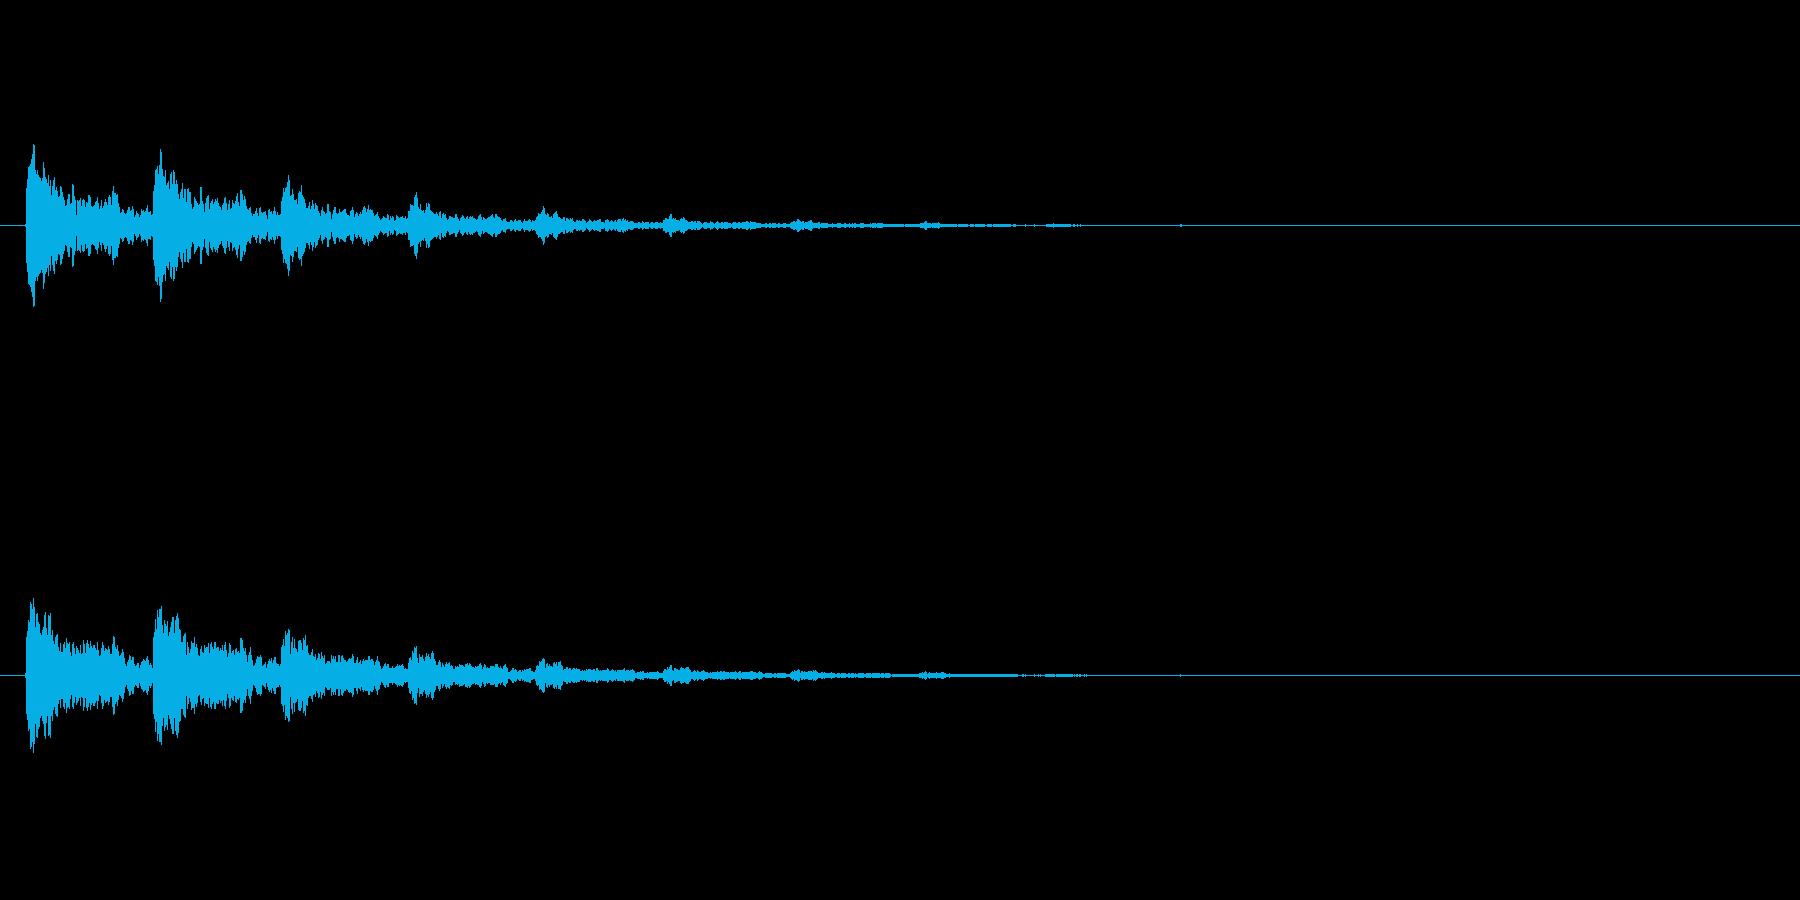 【アクセント21-3】の再生済みの波形